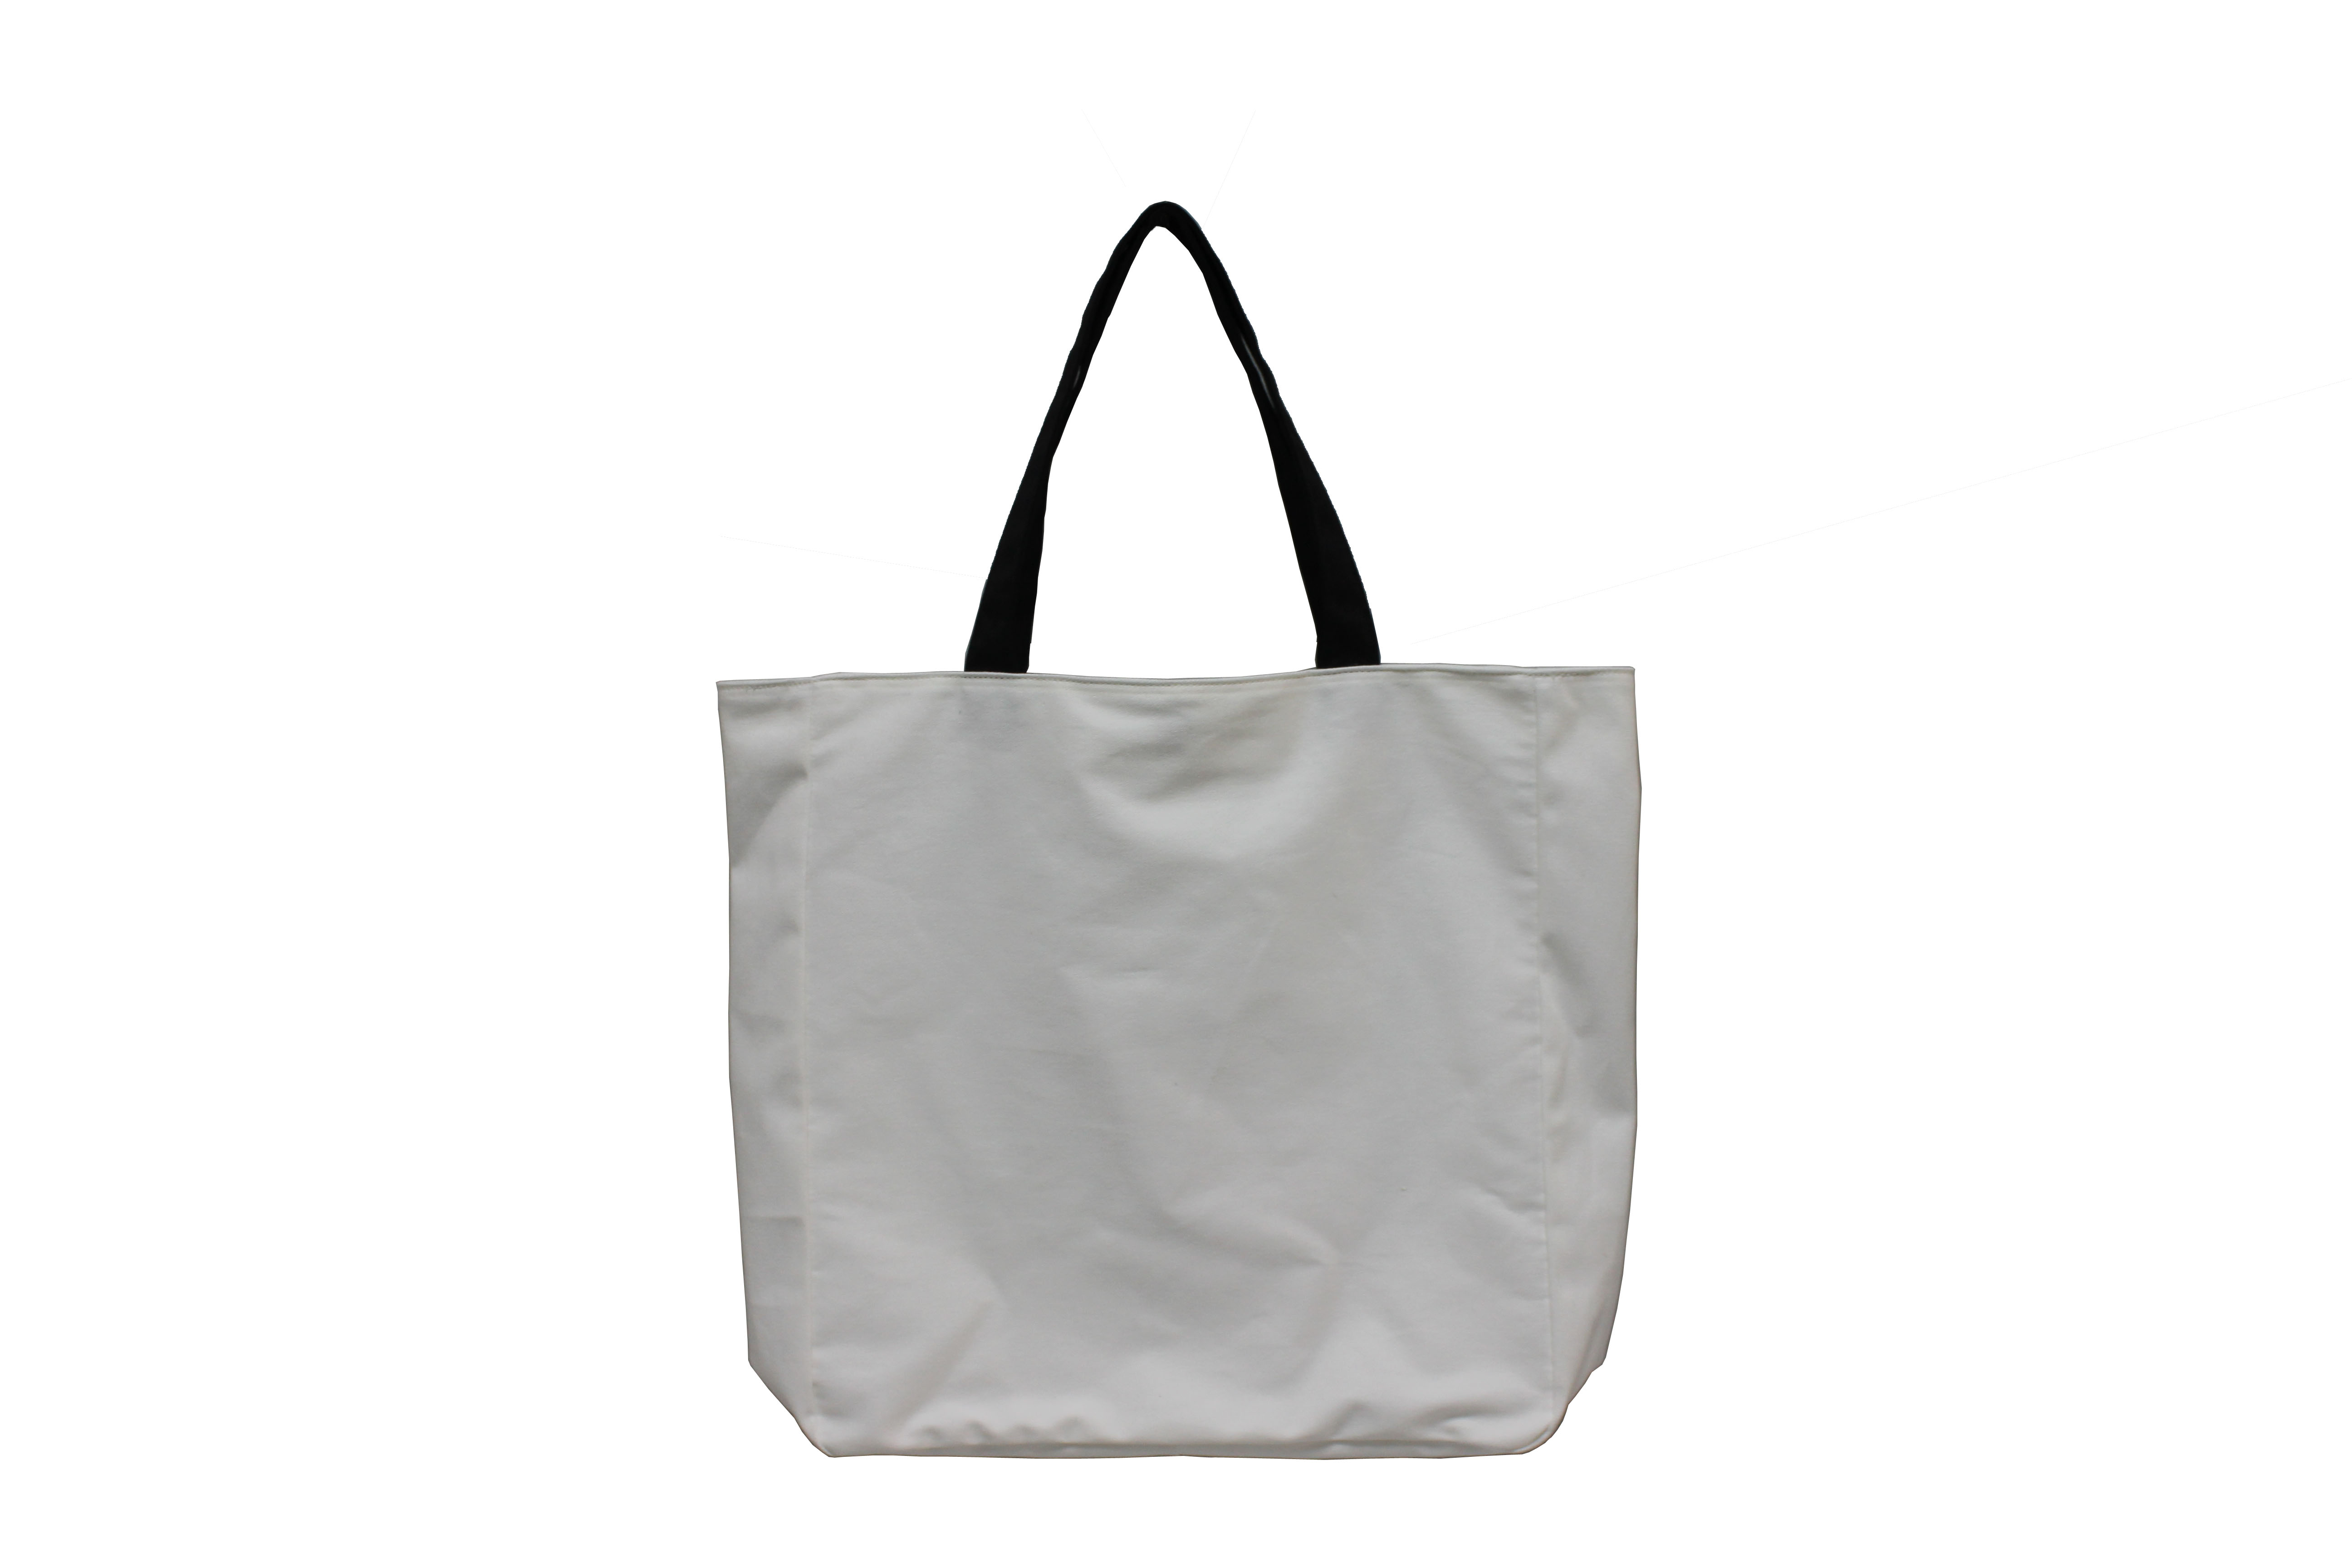 厂家热销帆布袋 购物袋 手提袋 单肩包图片二